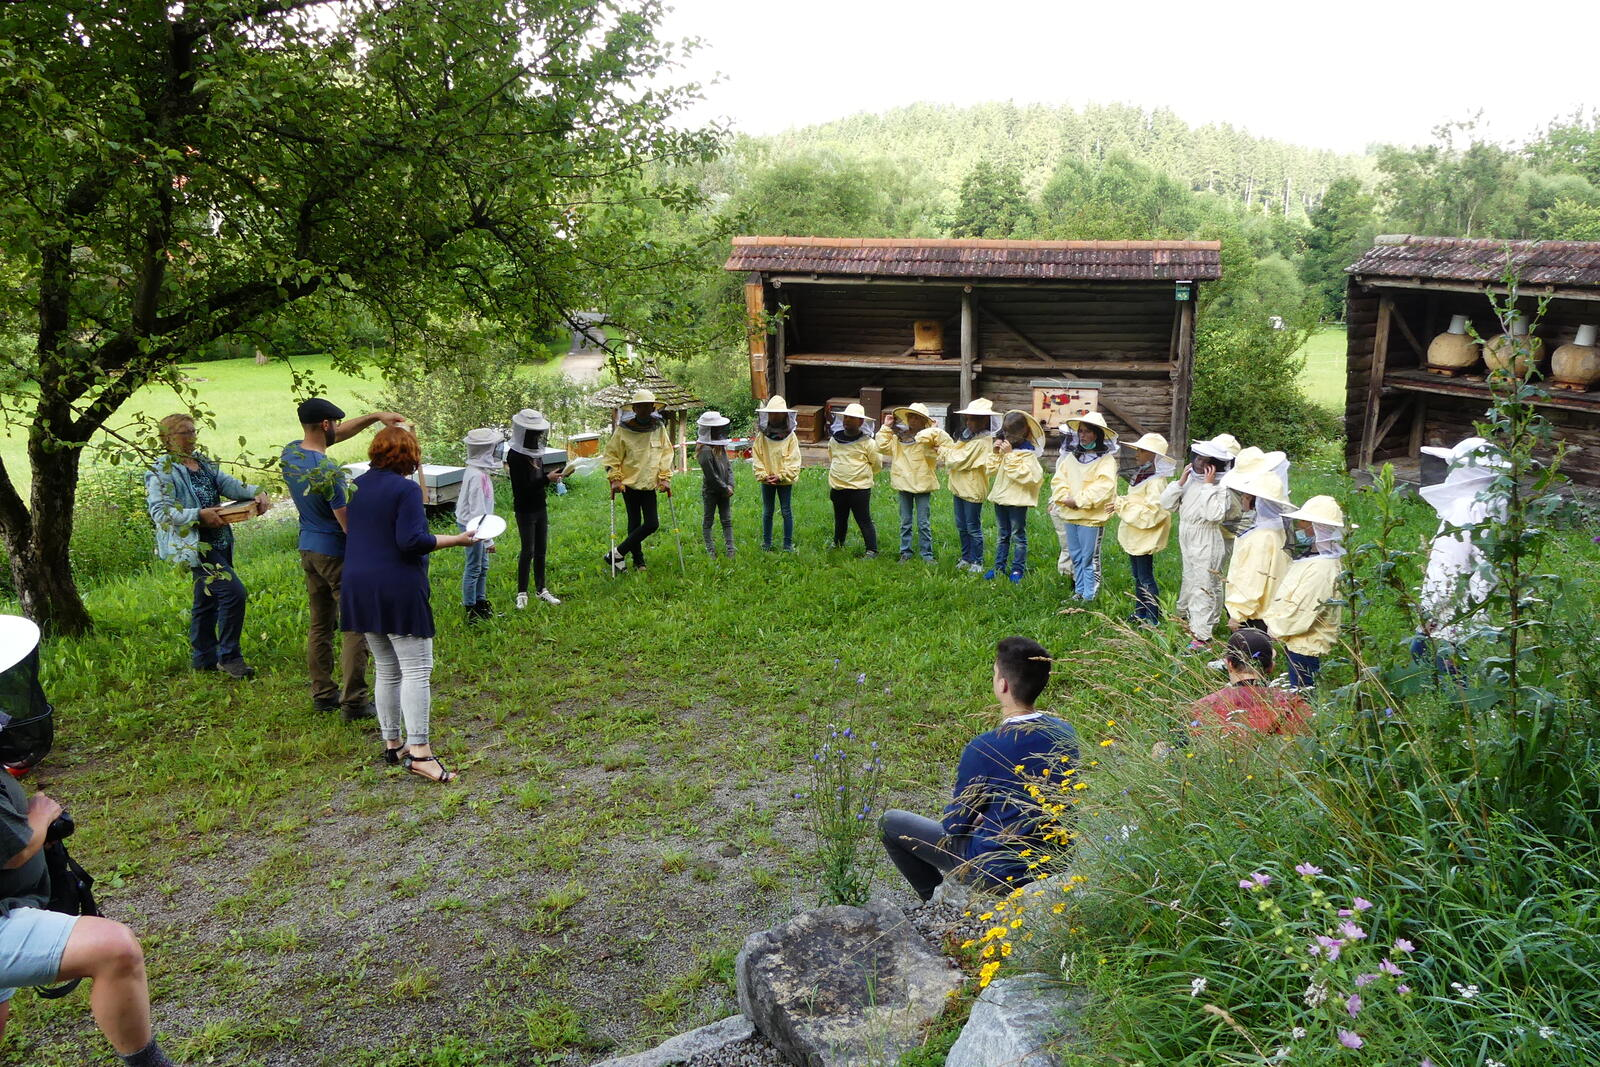 Verzauberte Kinder und glückliche Bienenpädagog*innen